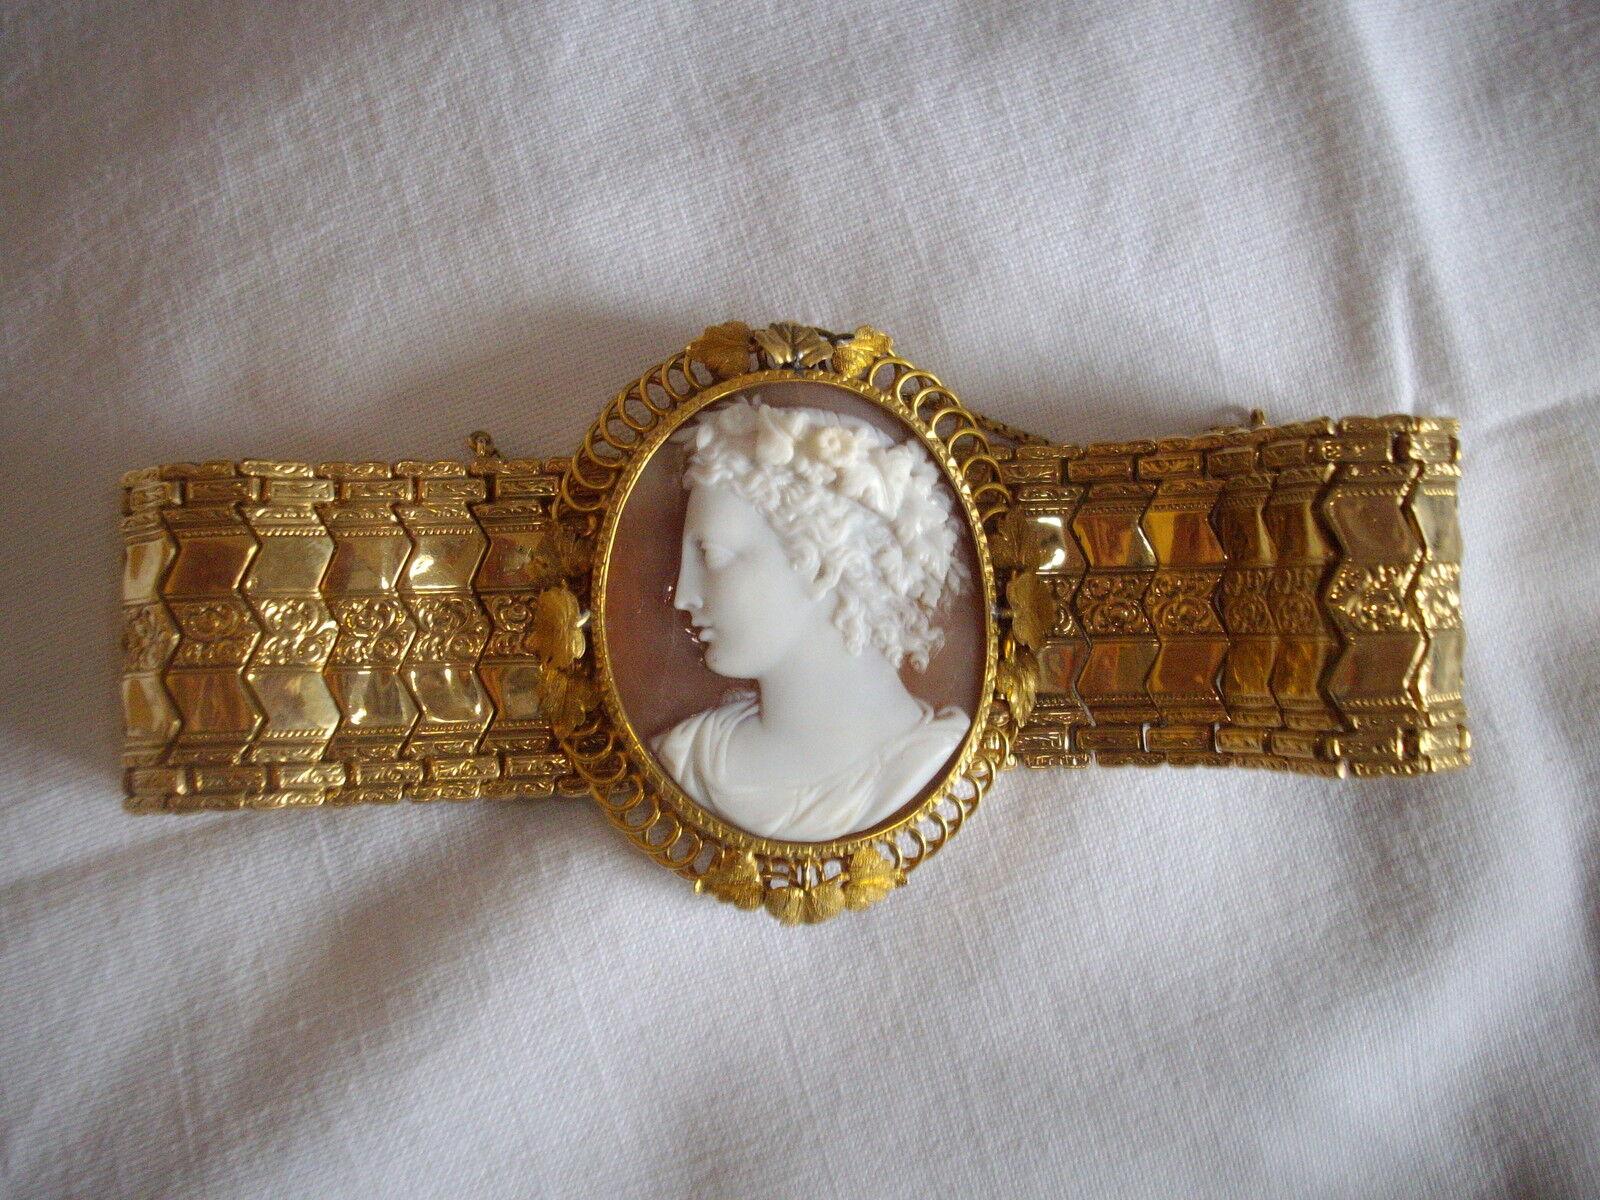 ECCEZIONALE BRACCIALE IN oro oro oro FRANCESE CON FANTASTICO CENTRALE IN SARDONICO -1870 d8a833